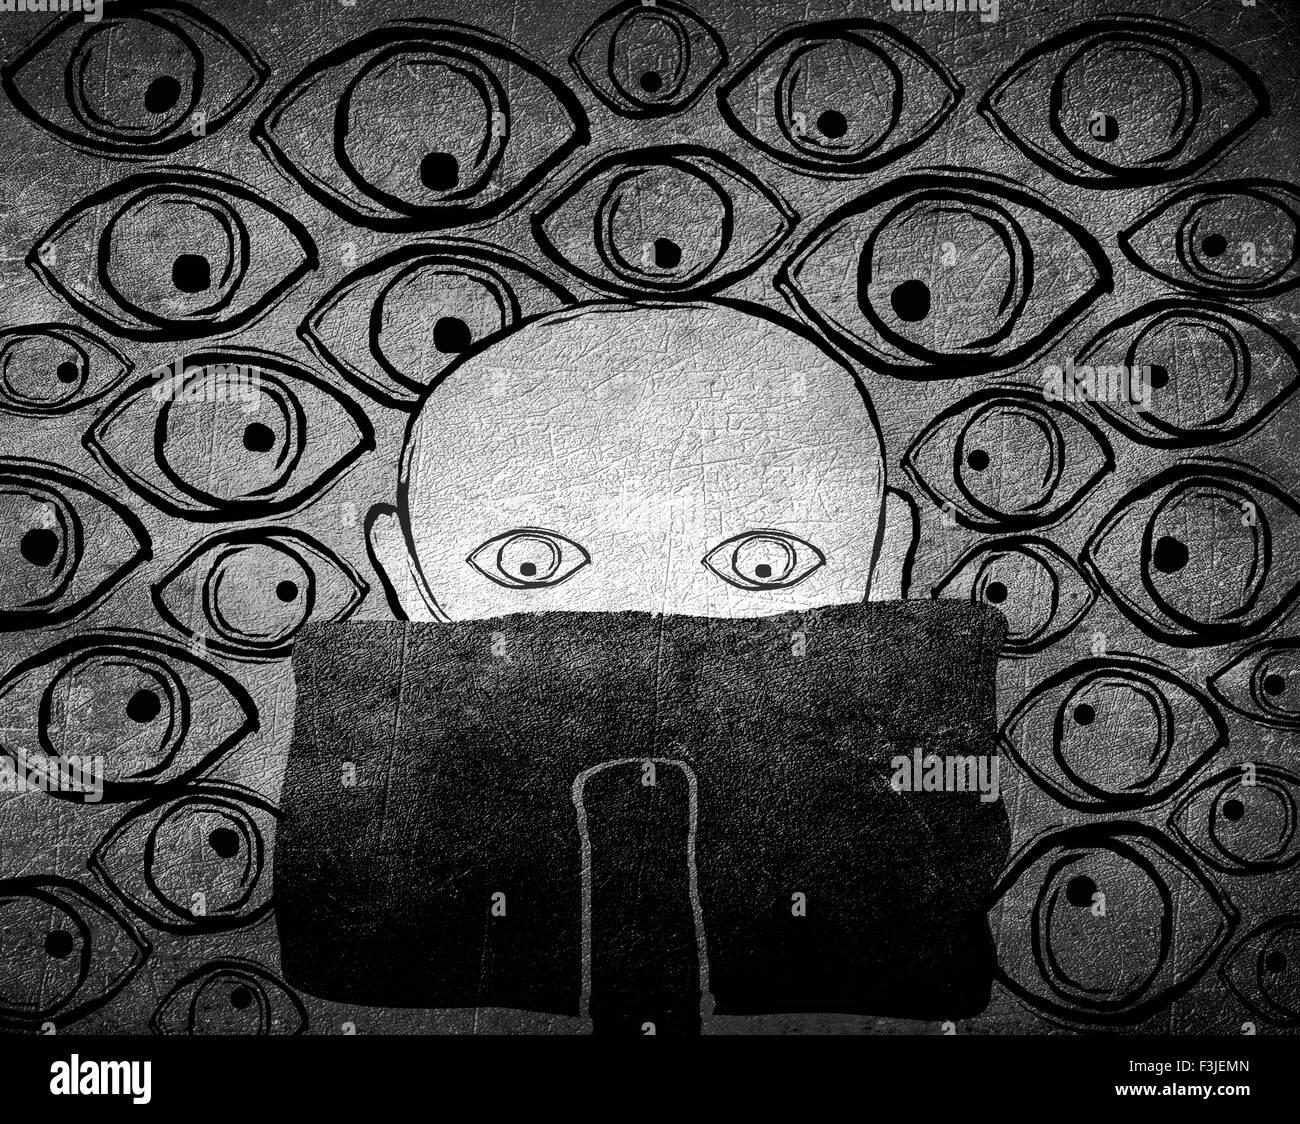 Pas de concept de confidentialité illustration numérique noir et blanc Photo Stock